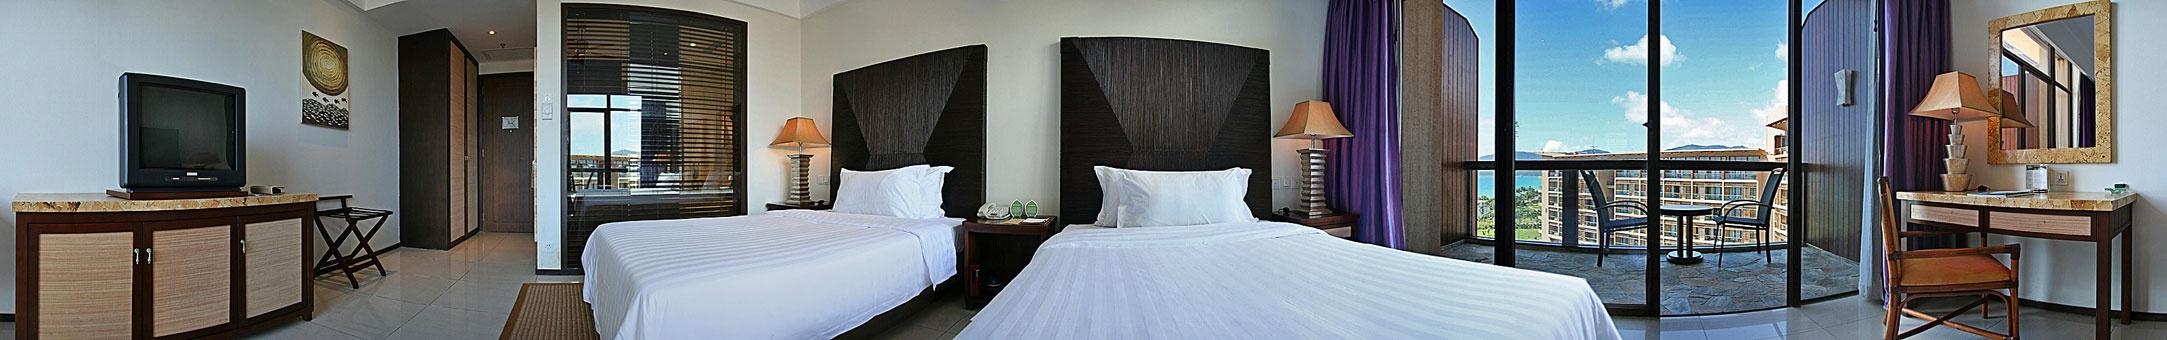 【三亚亚龙湾红树林度假酒店】地址:海南省三亚市亚龙